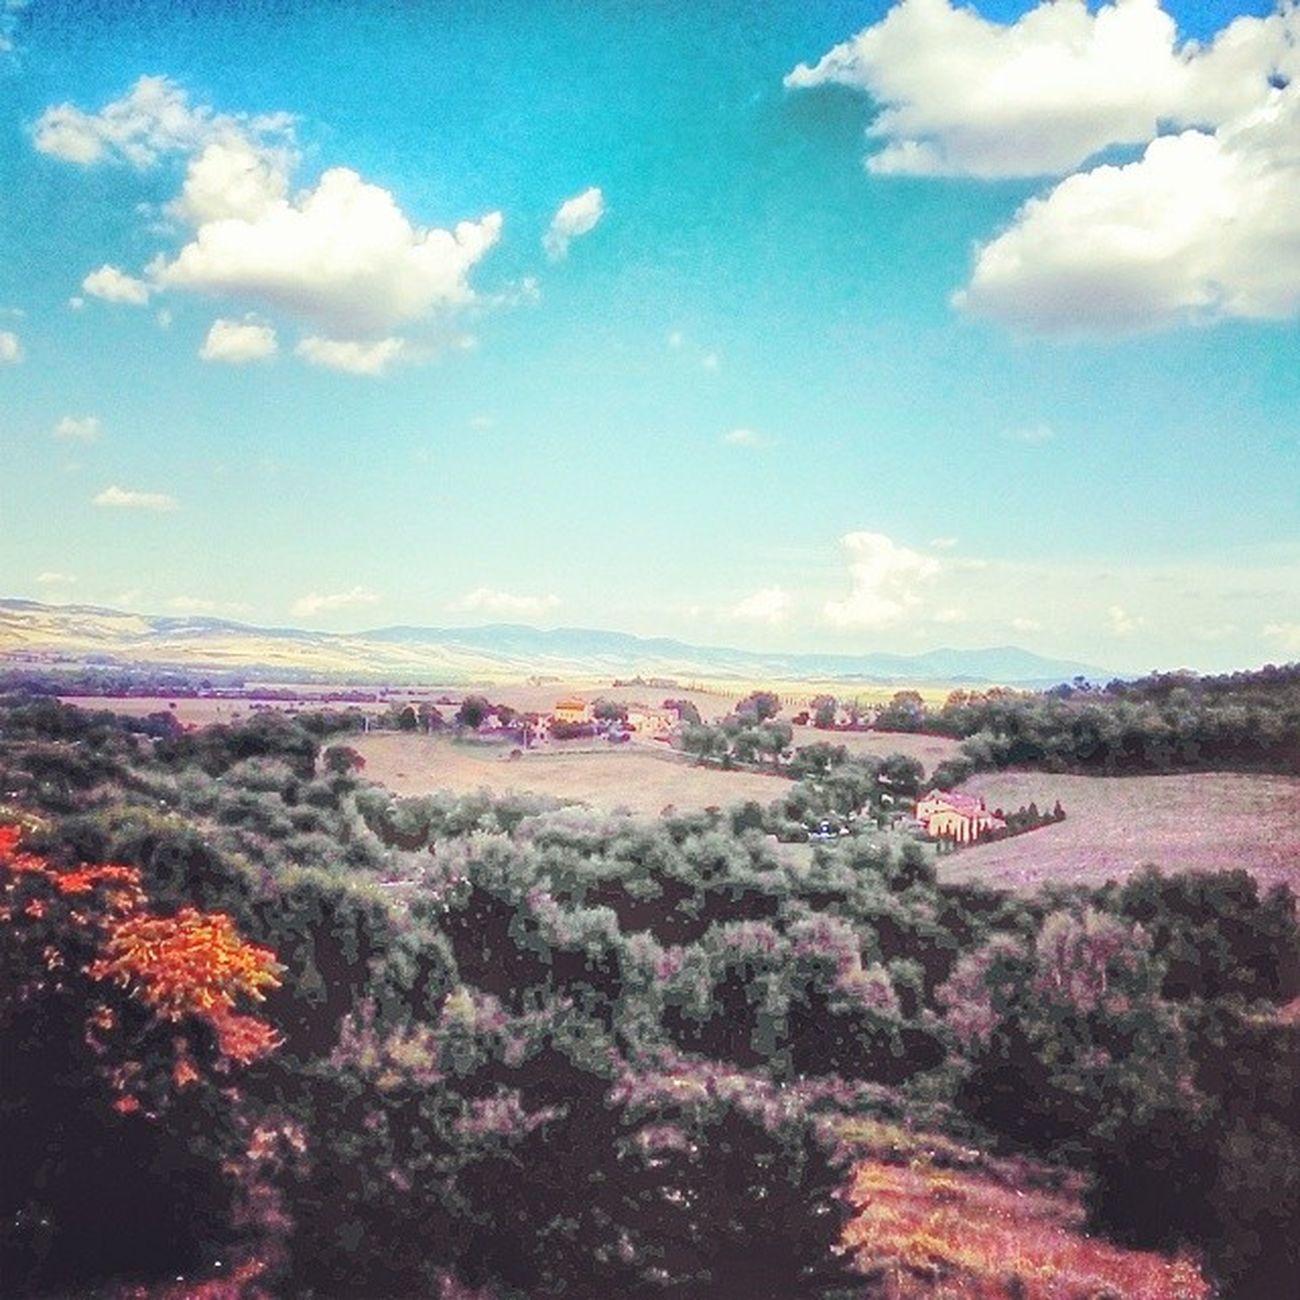 Ottava tappa: Bagnovignoni Toscana SmartFarm Pic panorama SkyLine